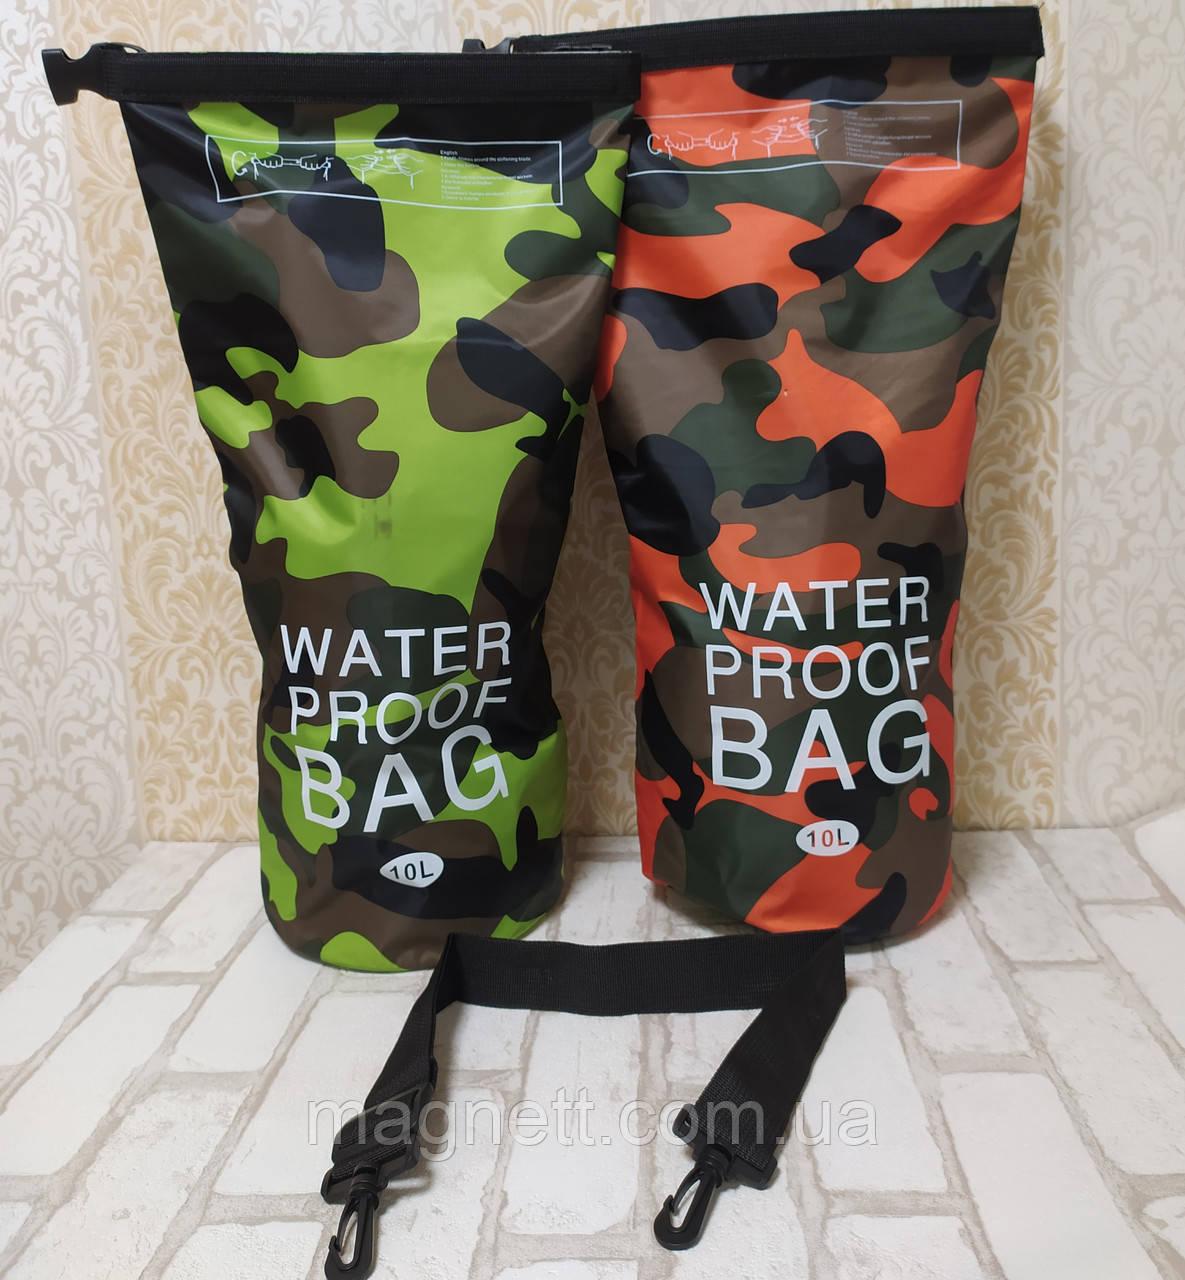 Водонепроницаемая сумка с плечевым ремнем Waterproof Bag 10л